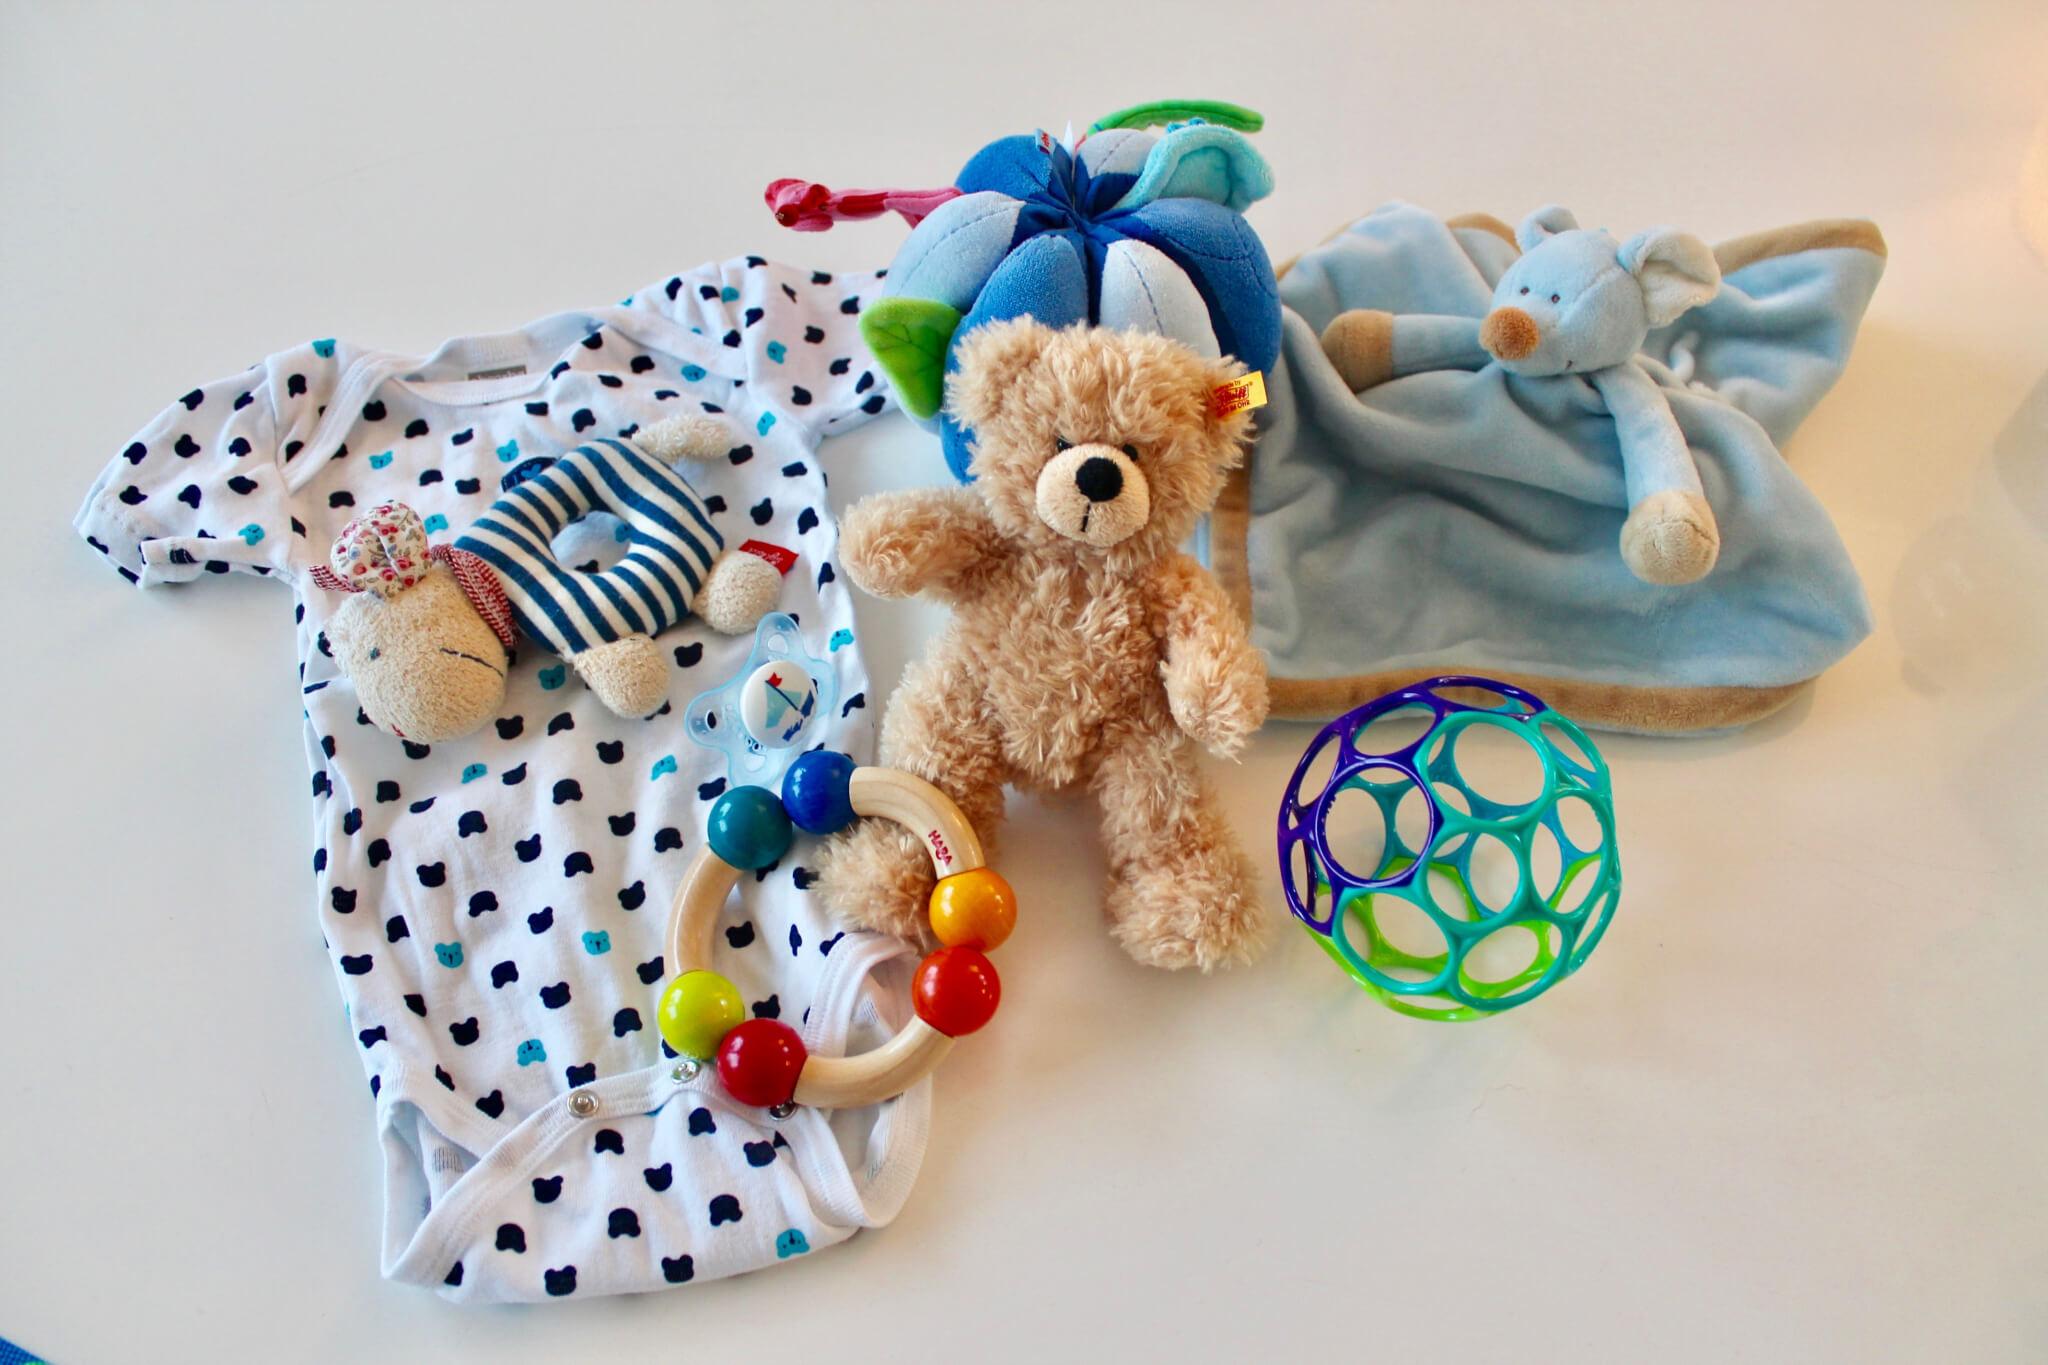 geschenke zur geburt die besten geschenke f r babys und. Black Bedroom Furniture Sets. Home Design Ideas